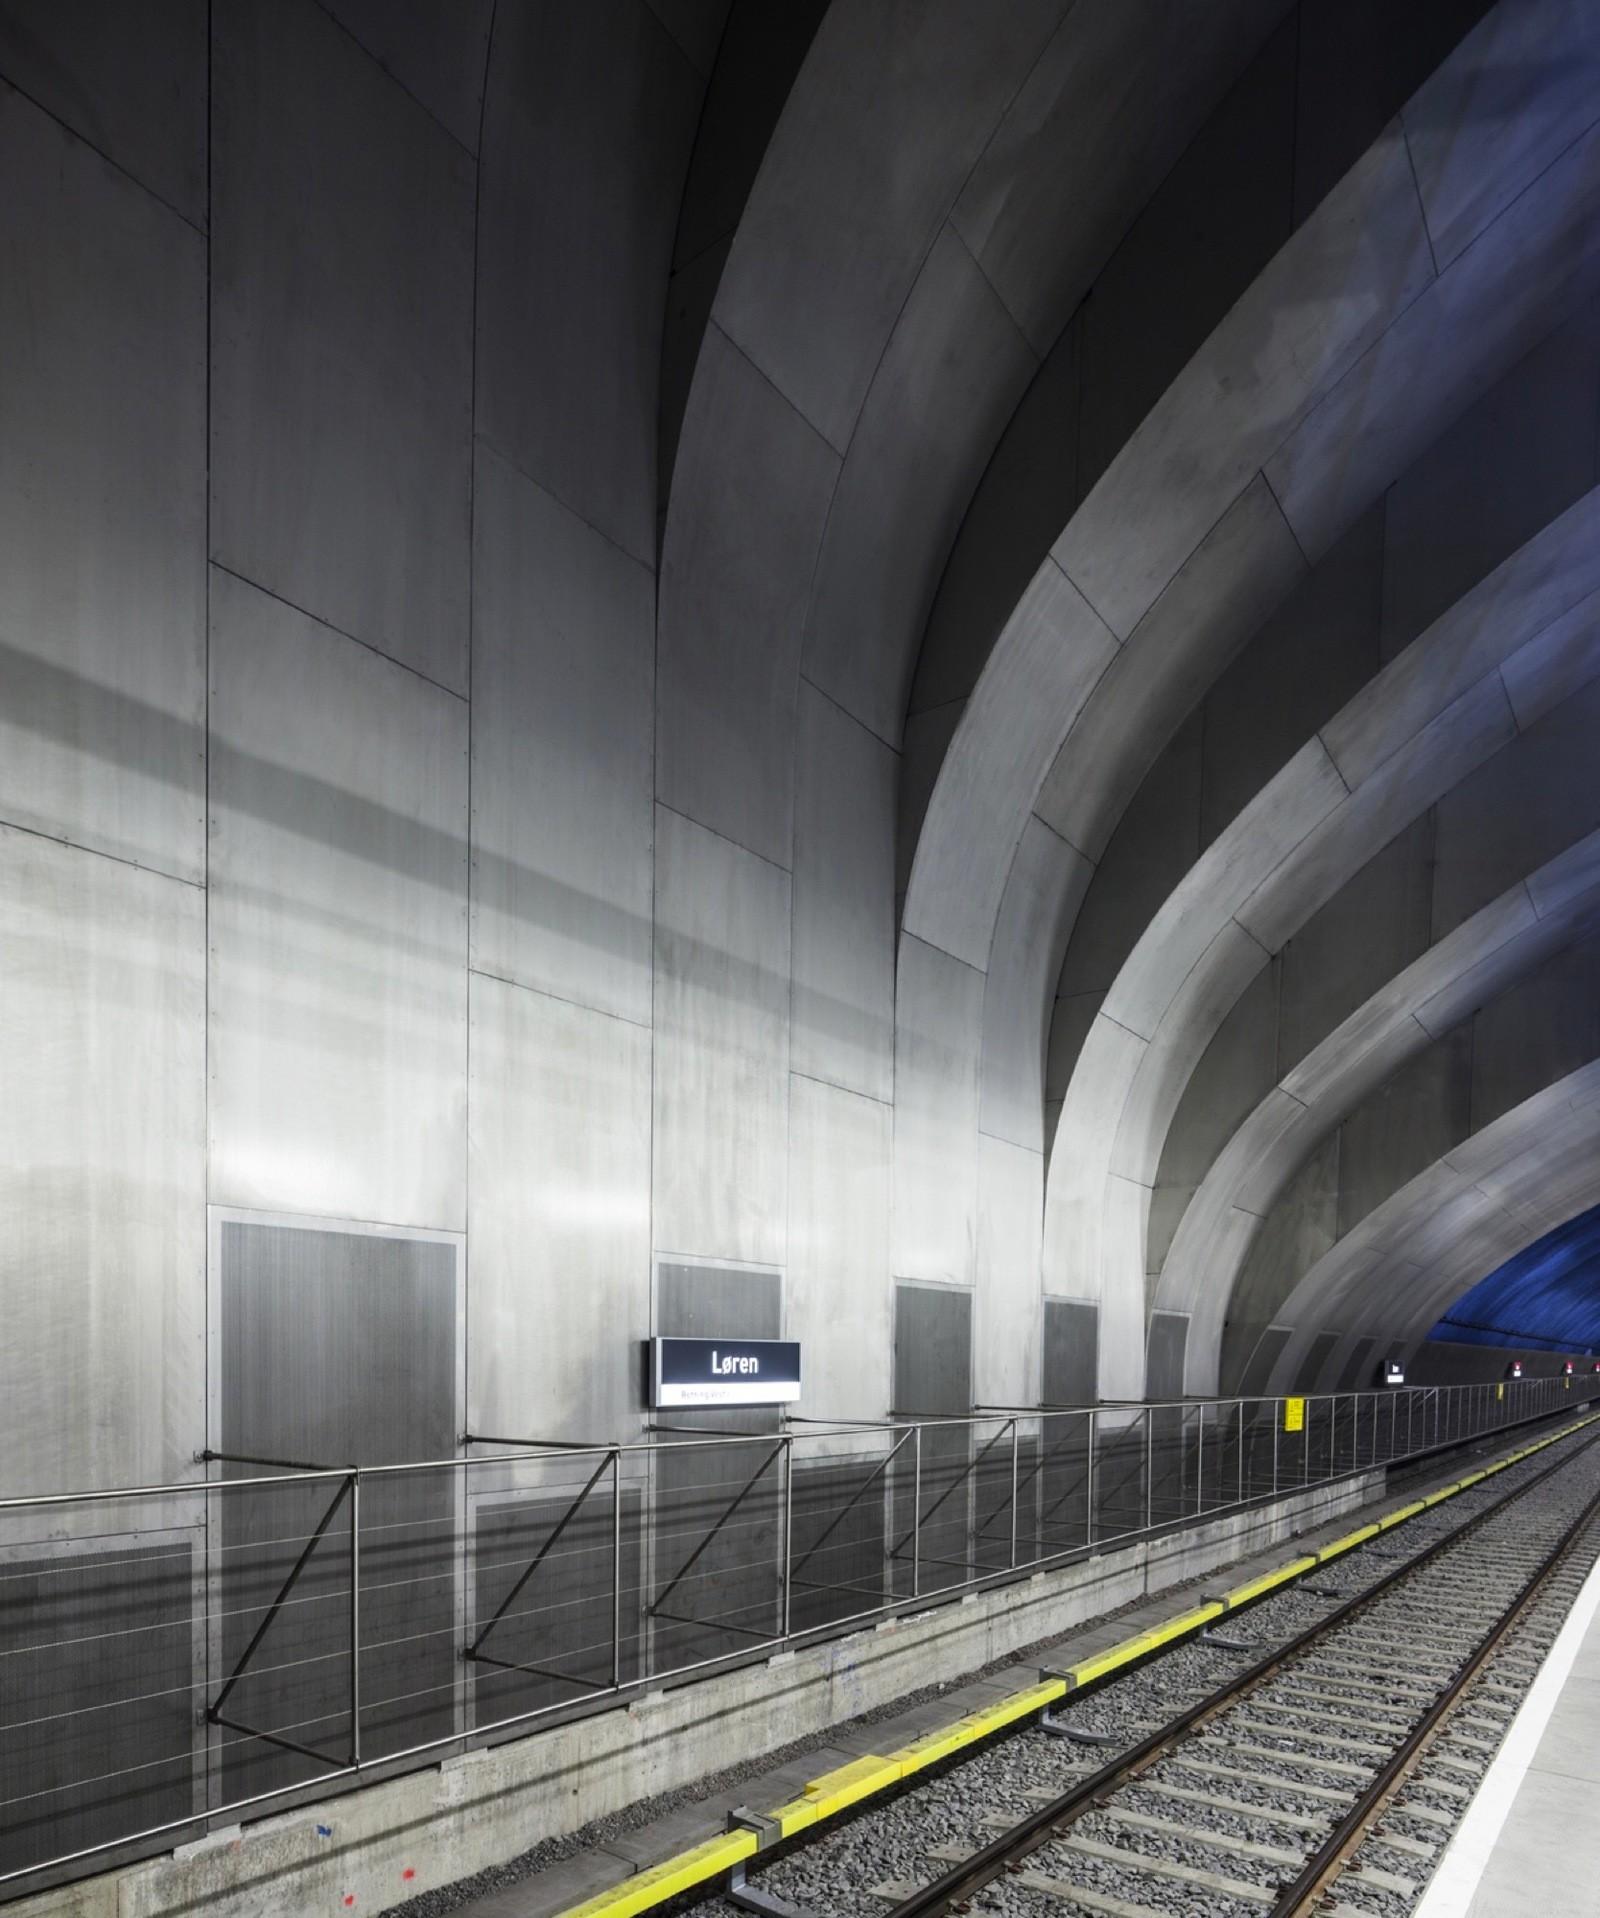 Индустриальный дизайн станции метро в Осло